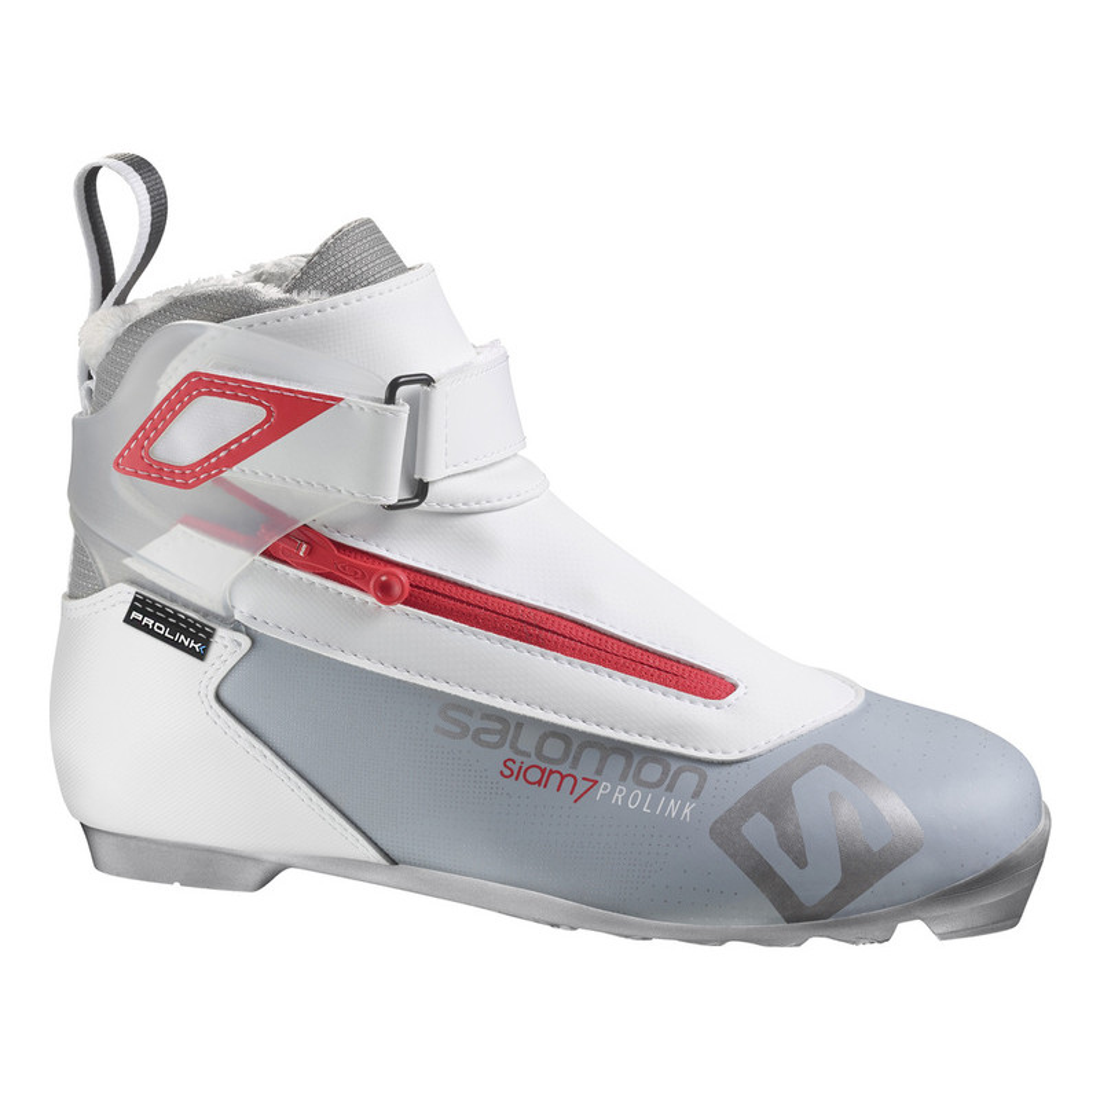 Vente Chaussures Salomon Fond Ski Alpina Et De Atomic Rossignol r1dFwrq